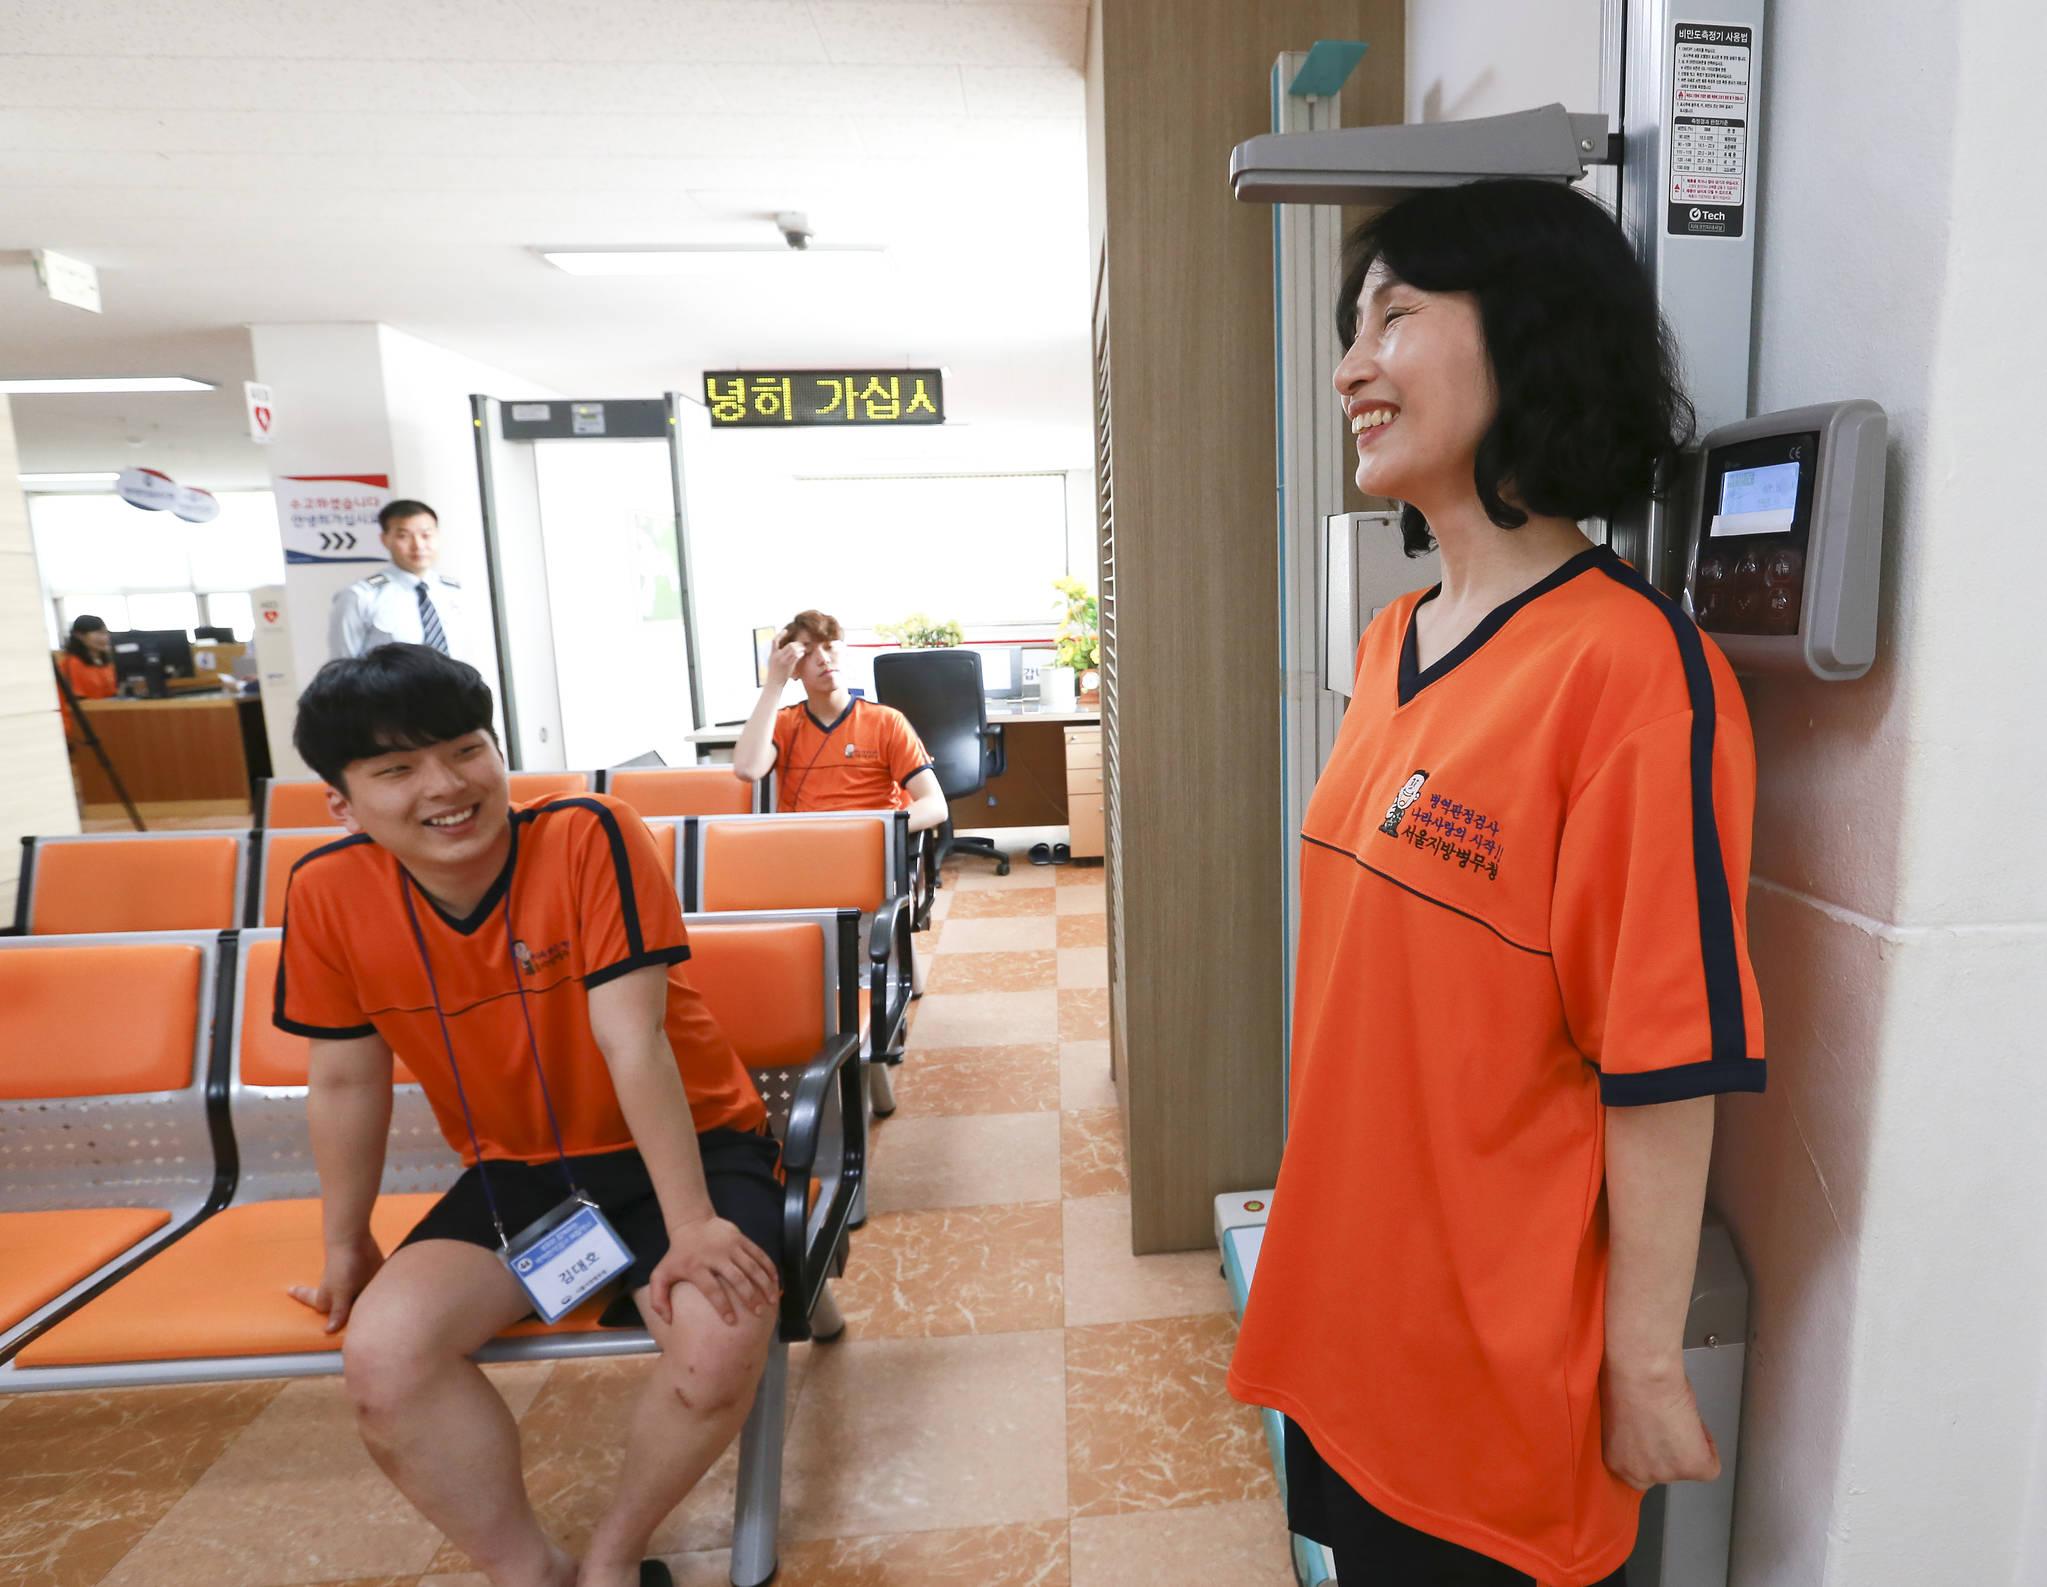 부모와 함께하는 병역판정검사 체험행사가 4일 서울지방병무청에서 열렸다. 어머니가 아들이 지켜보는 가운데 키를 재고 있다. 임현동 기자